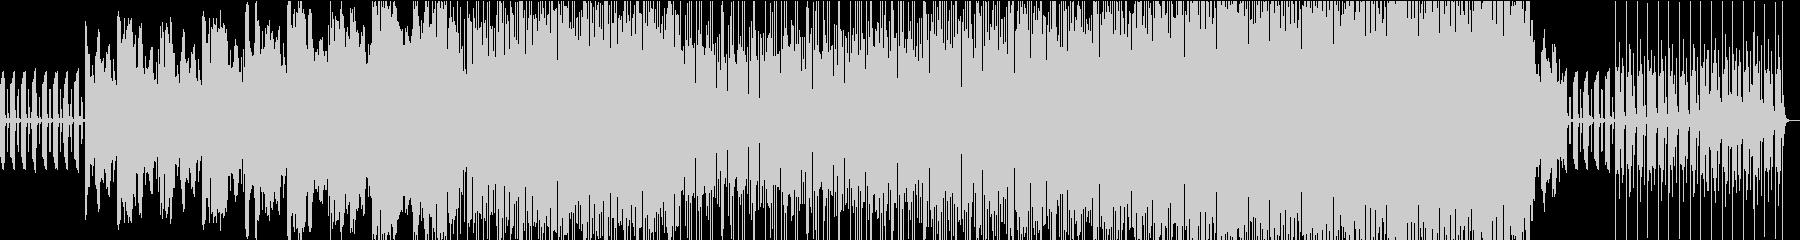 摩訶不思議なダークファンタジーっぽい曲の未再生の波形